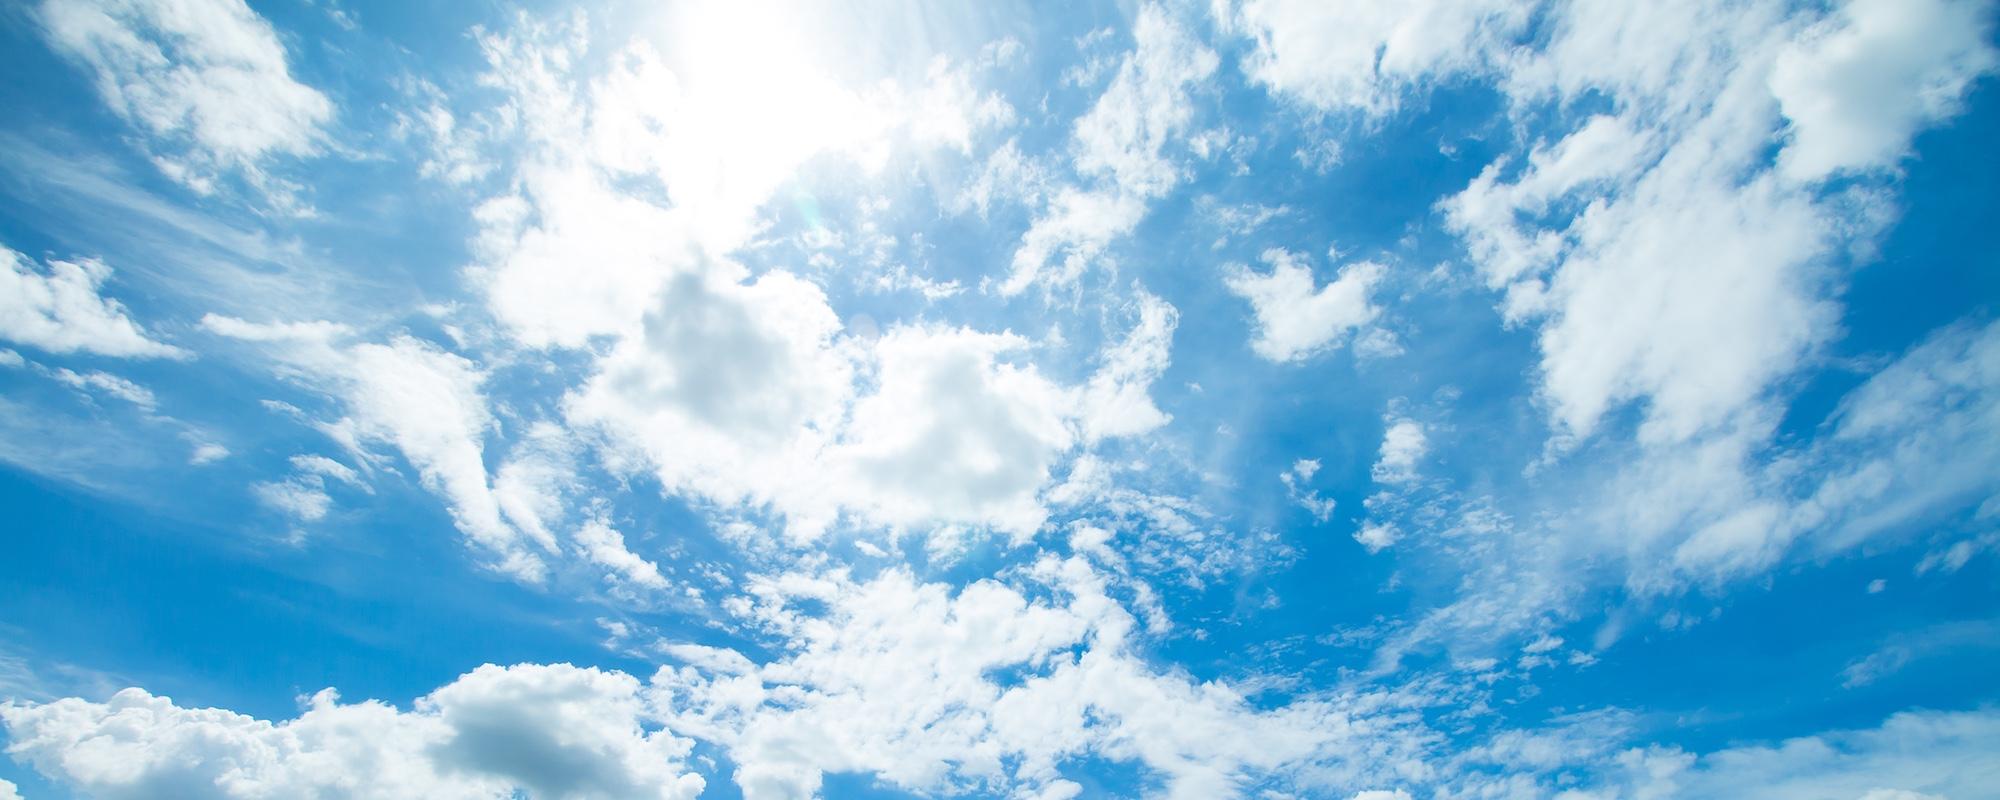 Hình ảnh mây trôi cực đẹp